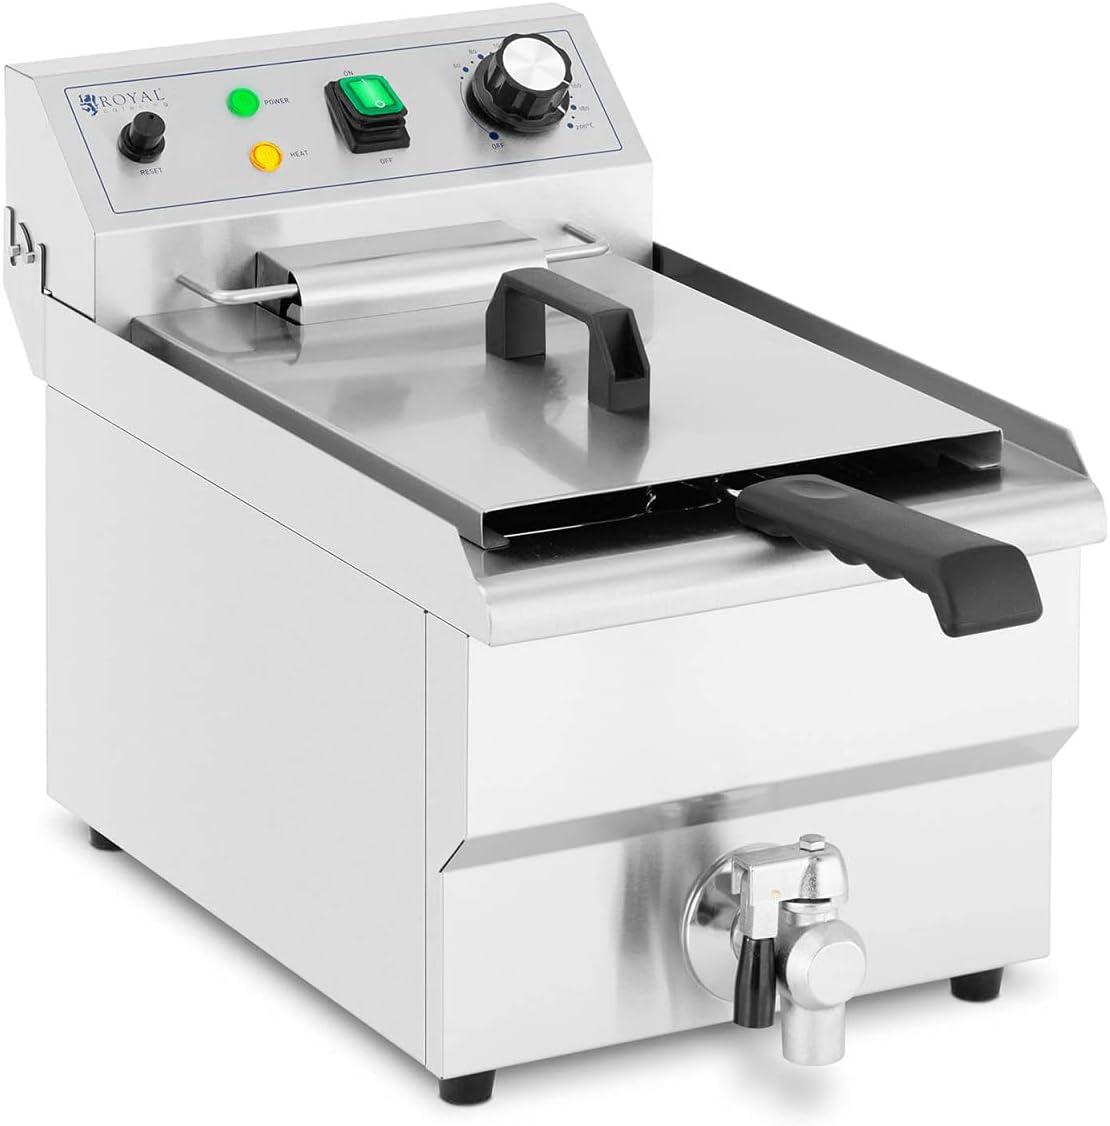 Royal Catering Freidora Eléctrica Profesional para Hostelería RCPSF 9ETH (Volumen: 9 L, 3000 W, Con grifo de vaciado y zona fría)